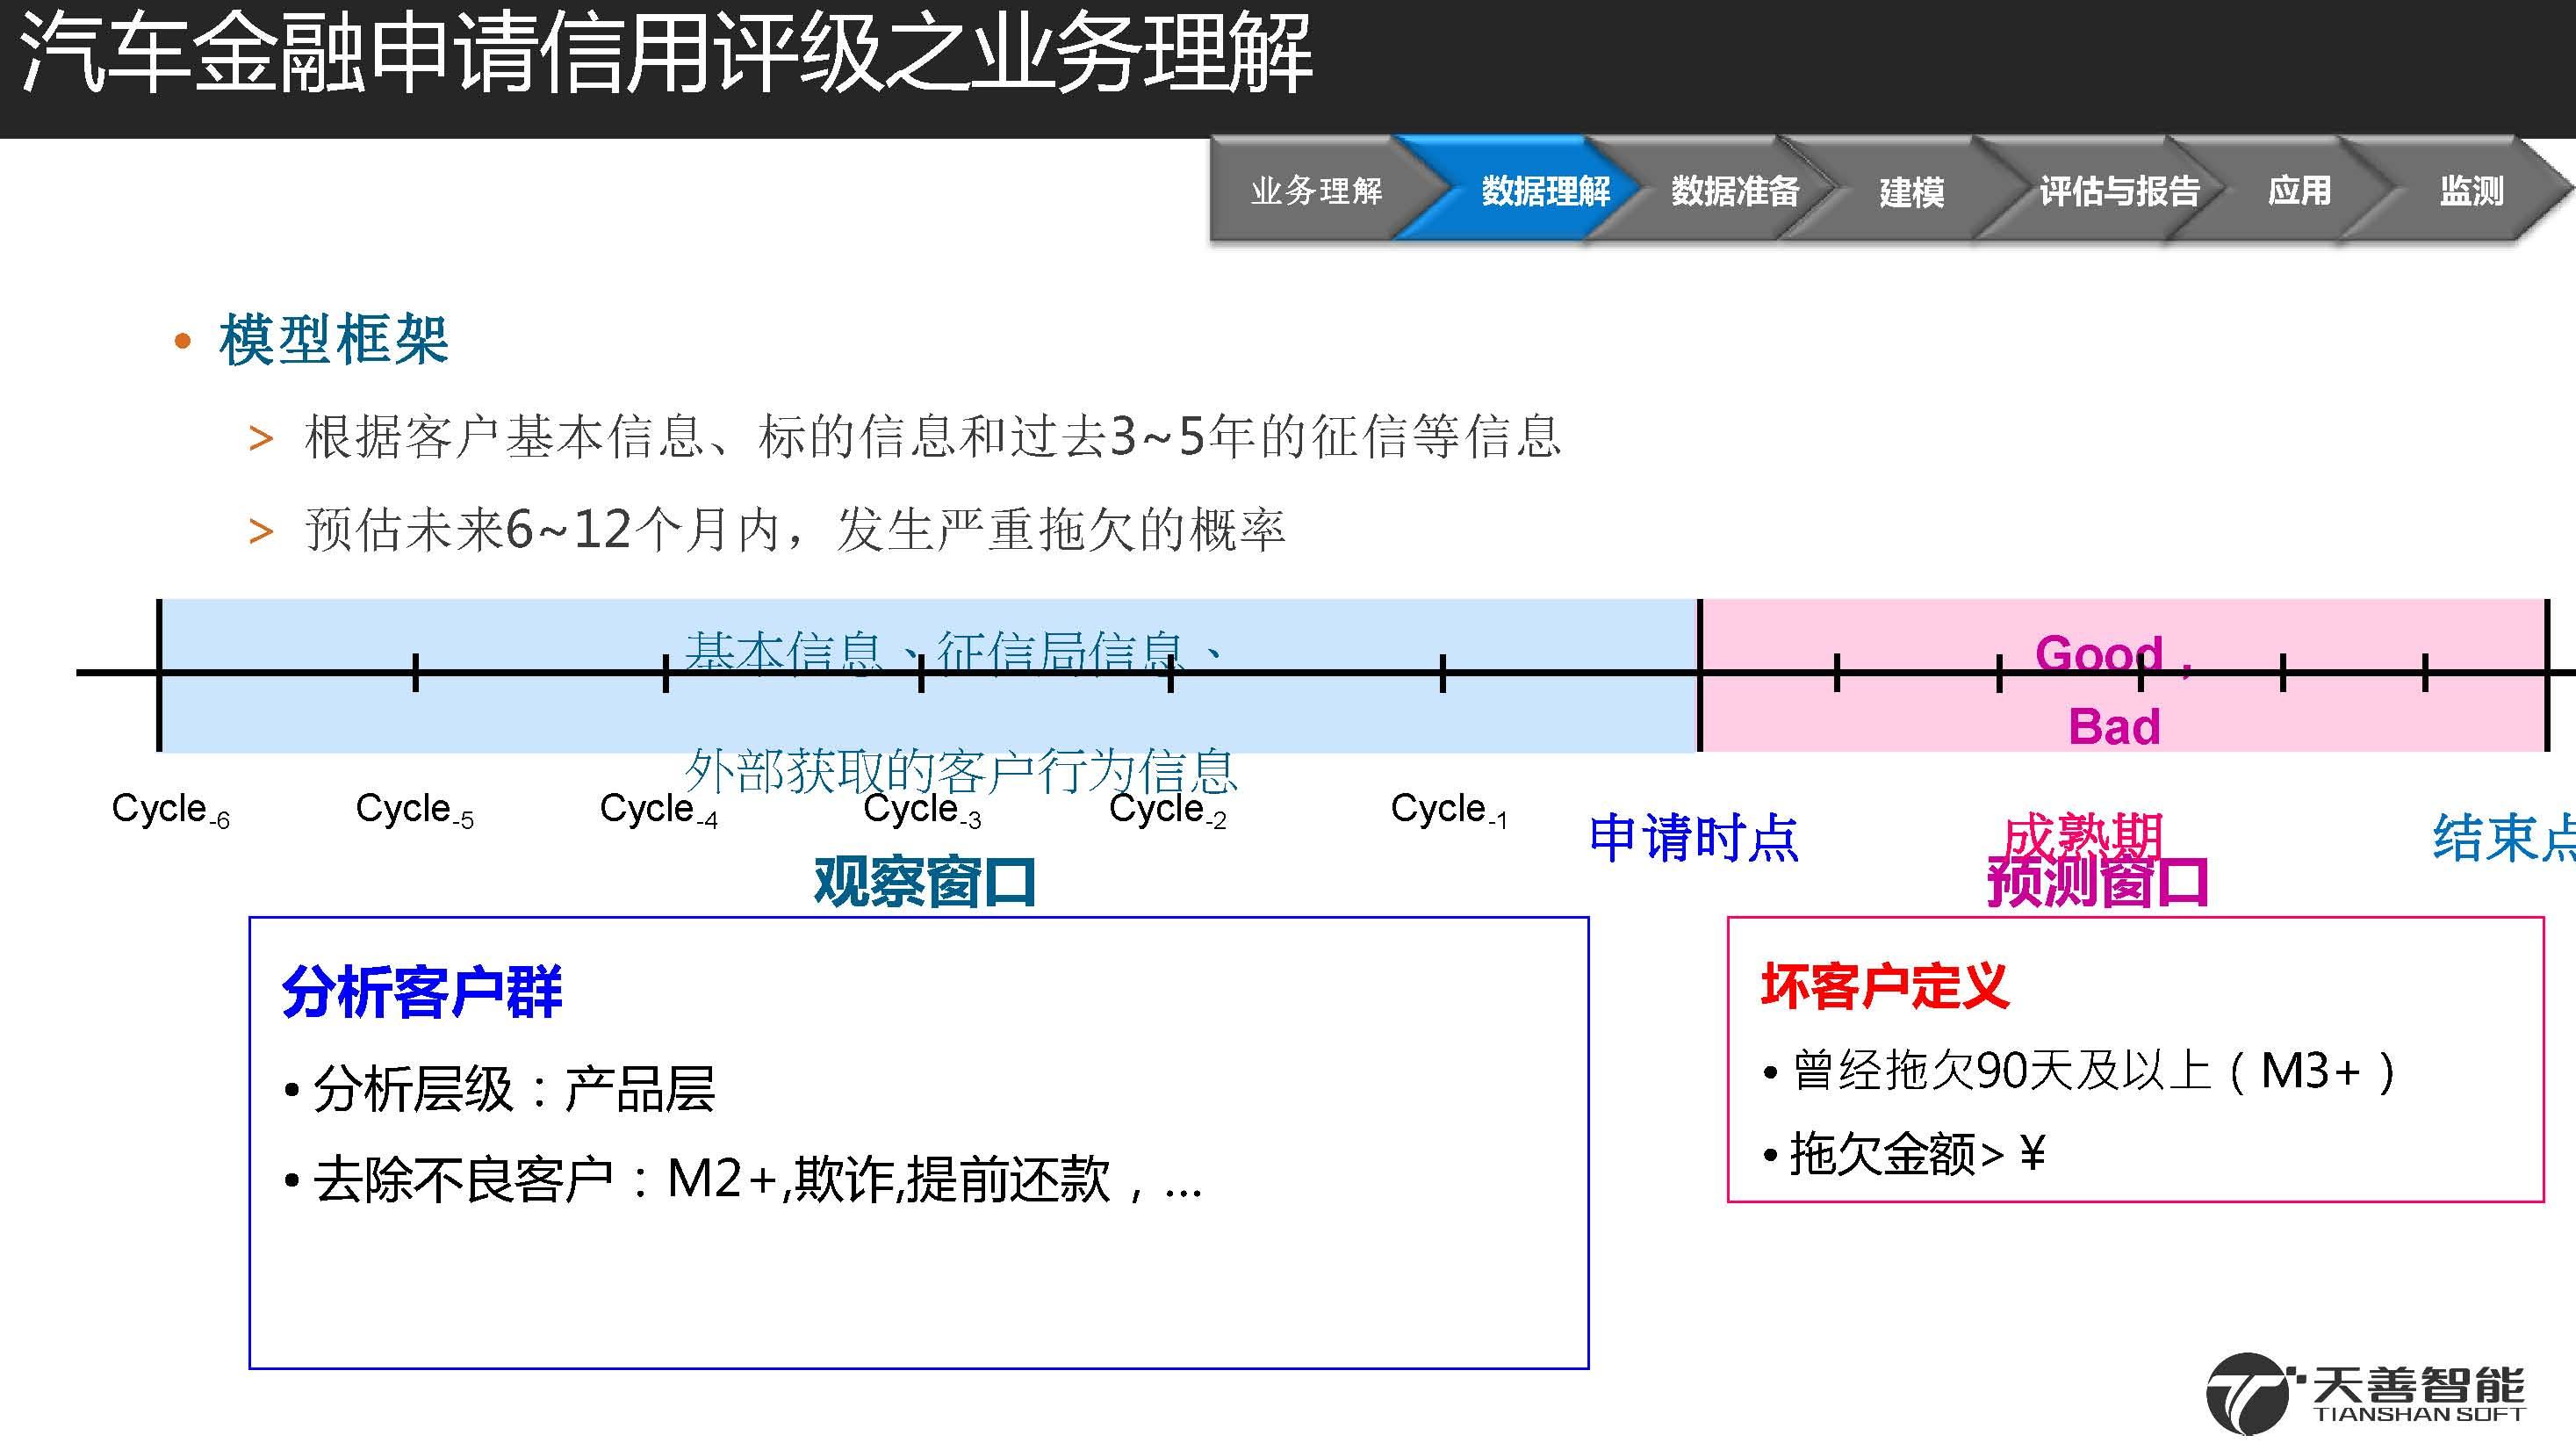 2汽车金融信用违约预测模型案例_页面_09.jpg